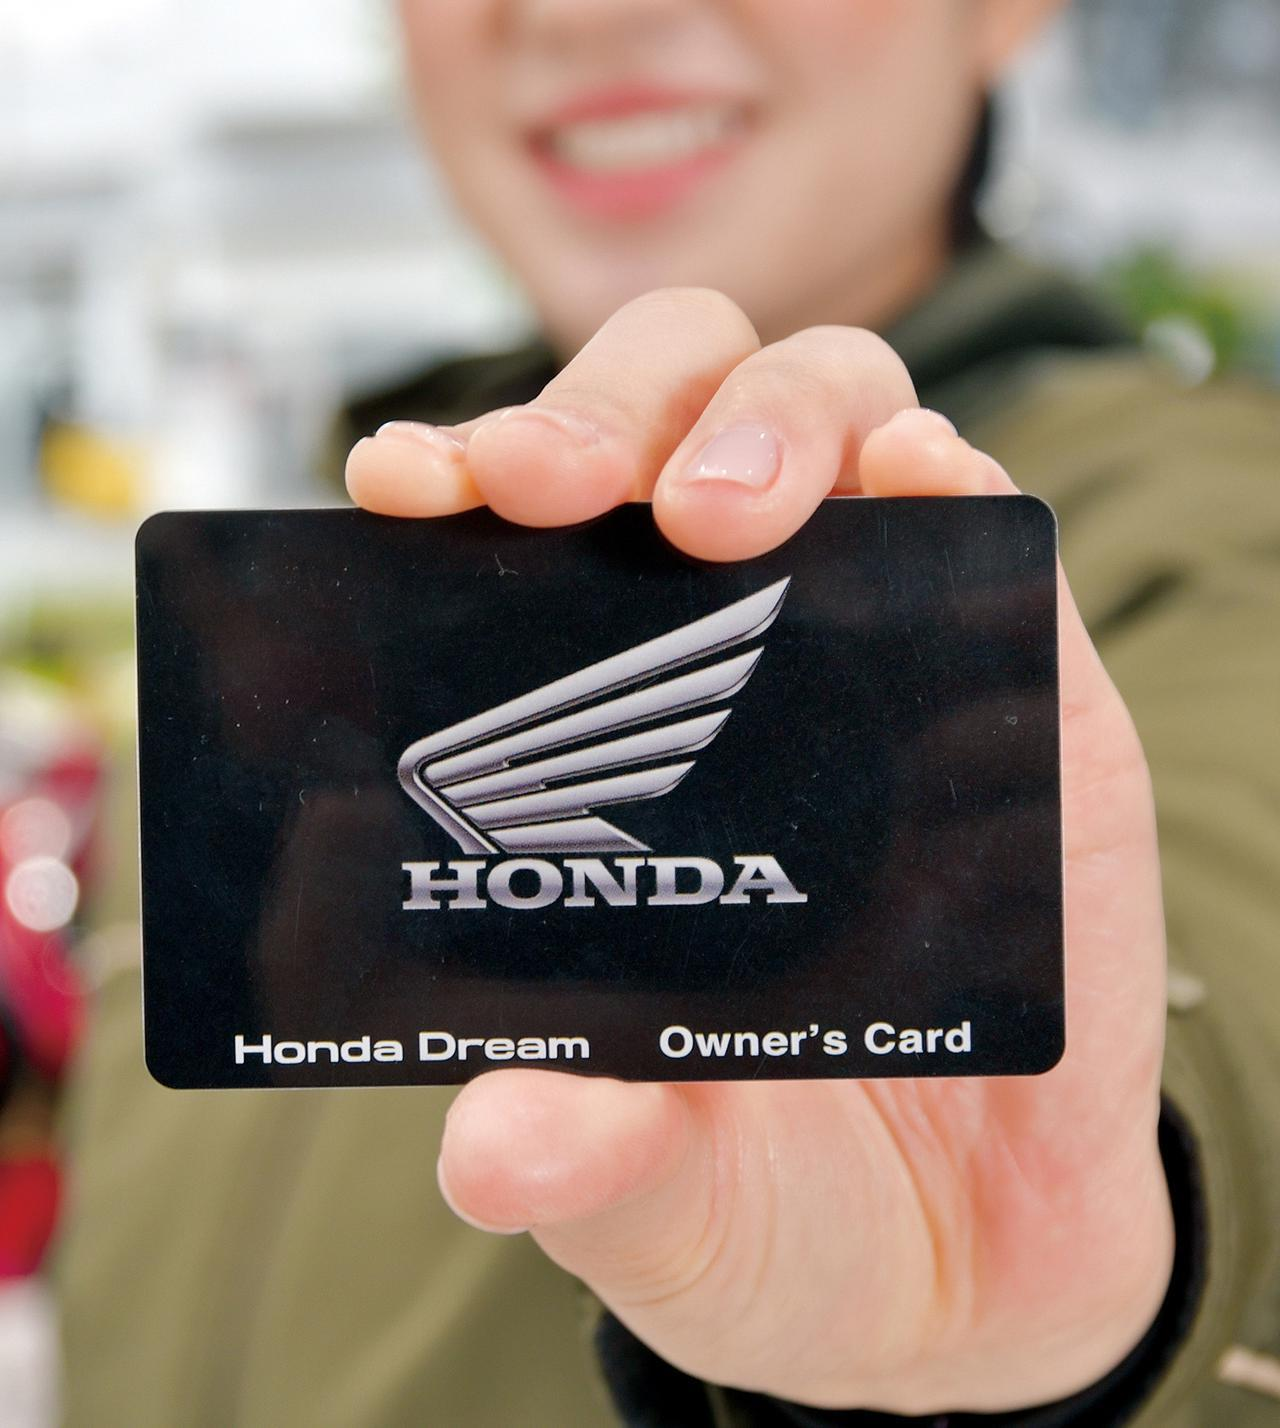 画像5: 「ホンダドリーム オーナーズカード」のサービスや特典を紹介! 他店で購入したホンダ車オーナーも入会できる安心サポートプラン【梅本まどかのドリームクエスト2】